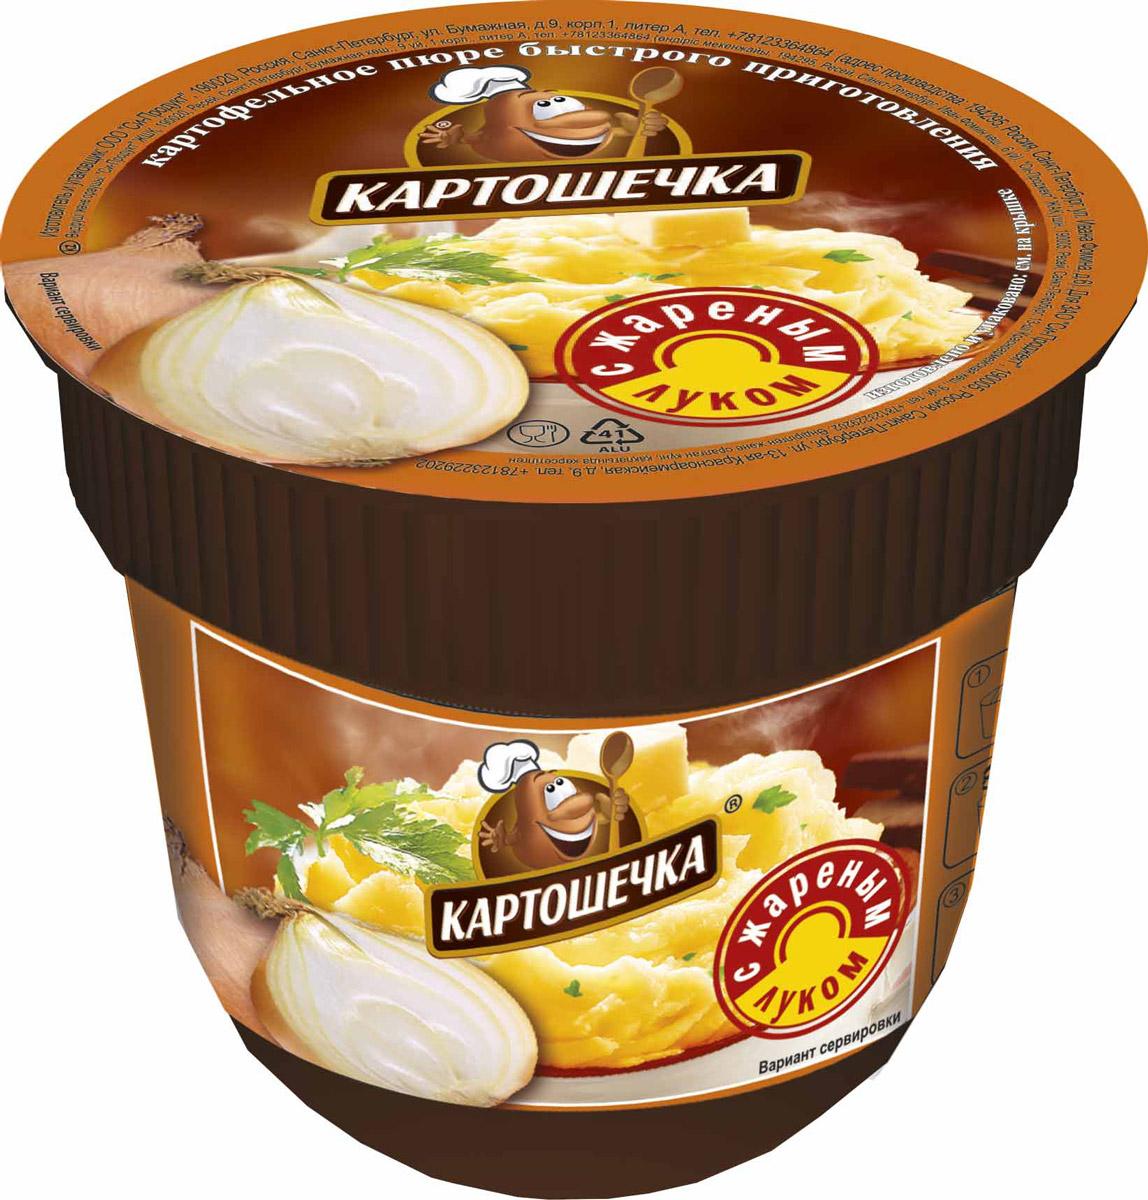 Картошечка Пюре картофельное с жареным луком, 41 г0120710Обед моментального приготовления с жаренным луком в порционном стакане.